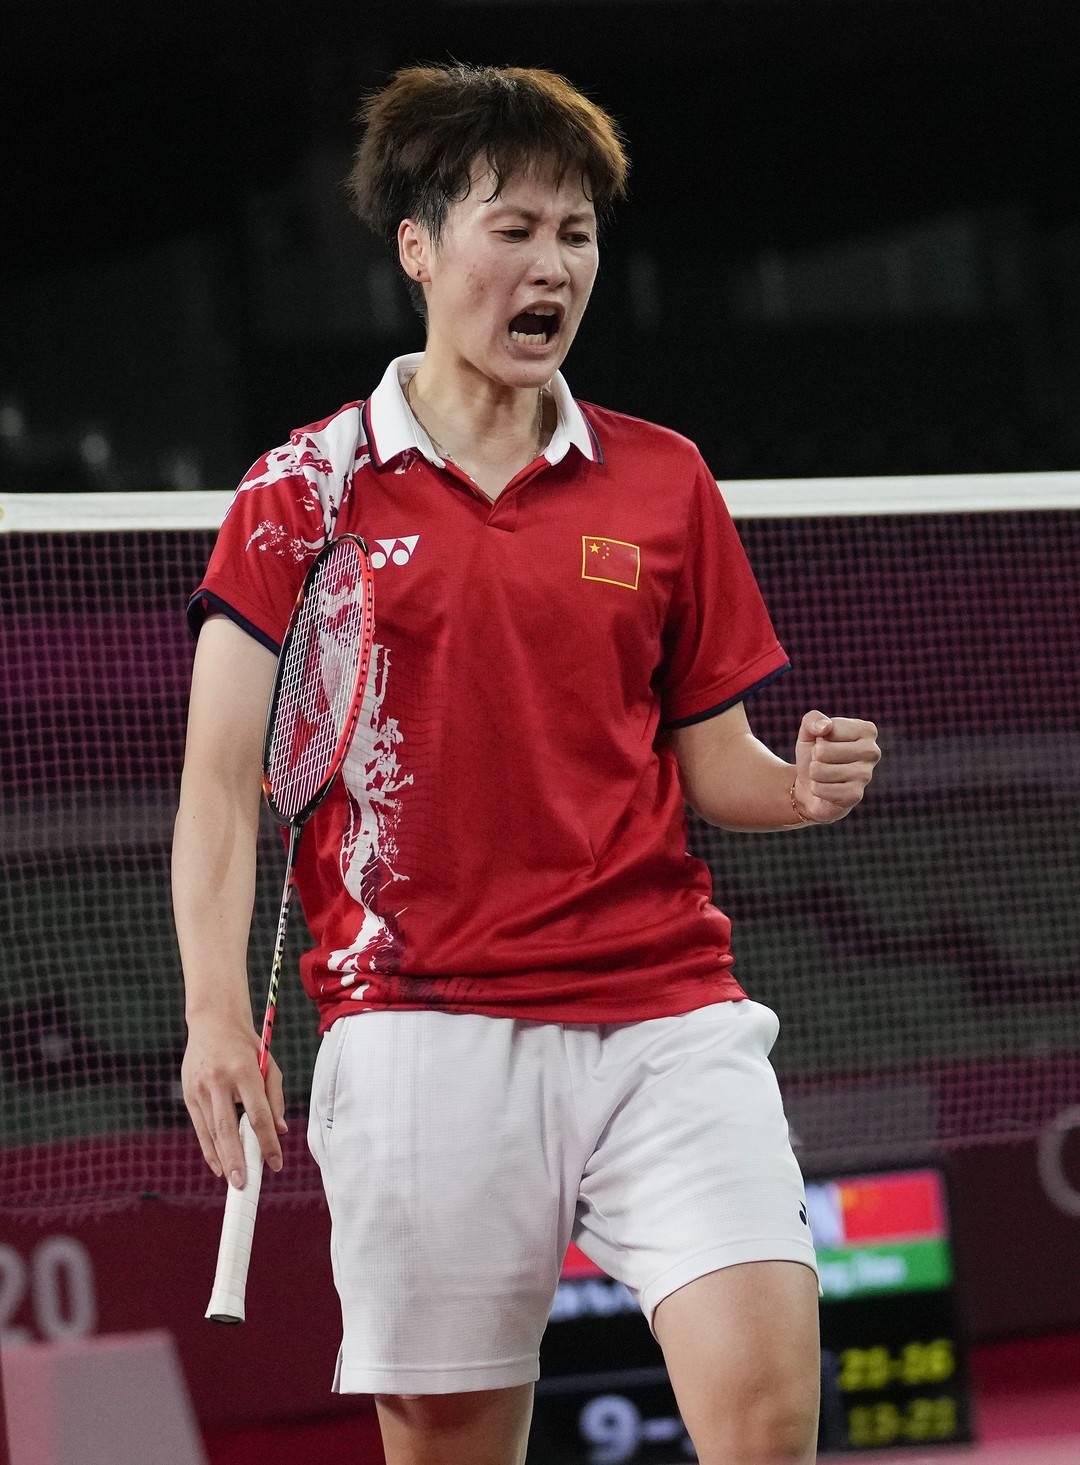 第24金!陈雨菲力克中国台北选手夺得羽毛球女单冠军